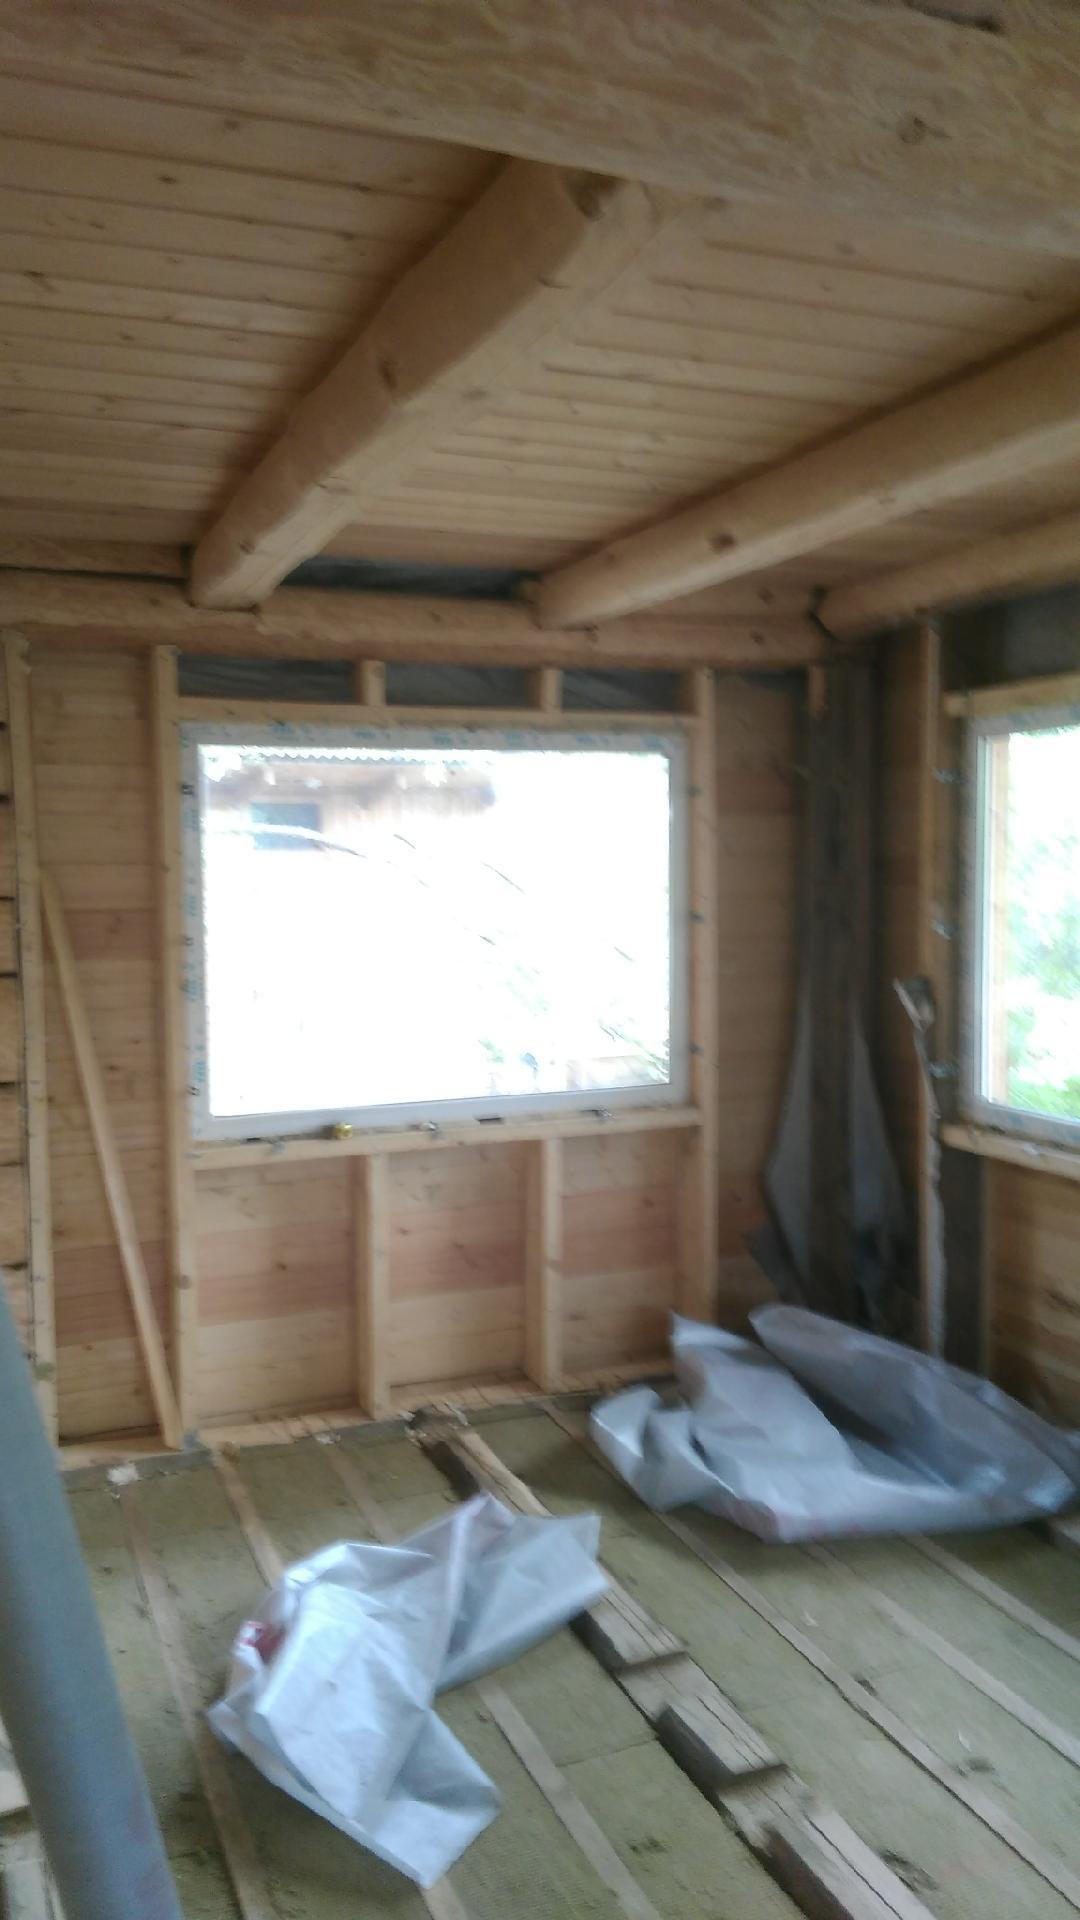 Теплые веранды: электрокотел для утепления пристройки к деревянному дому, как утеплить стены изнутри своими руками